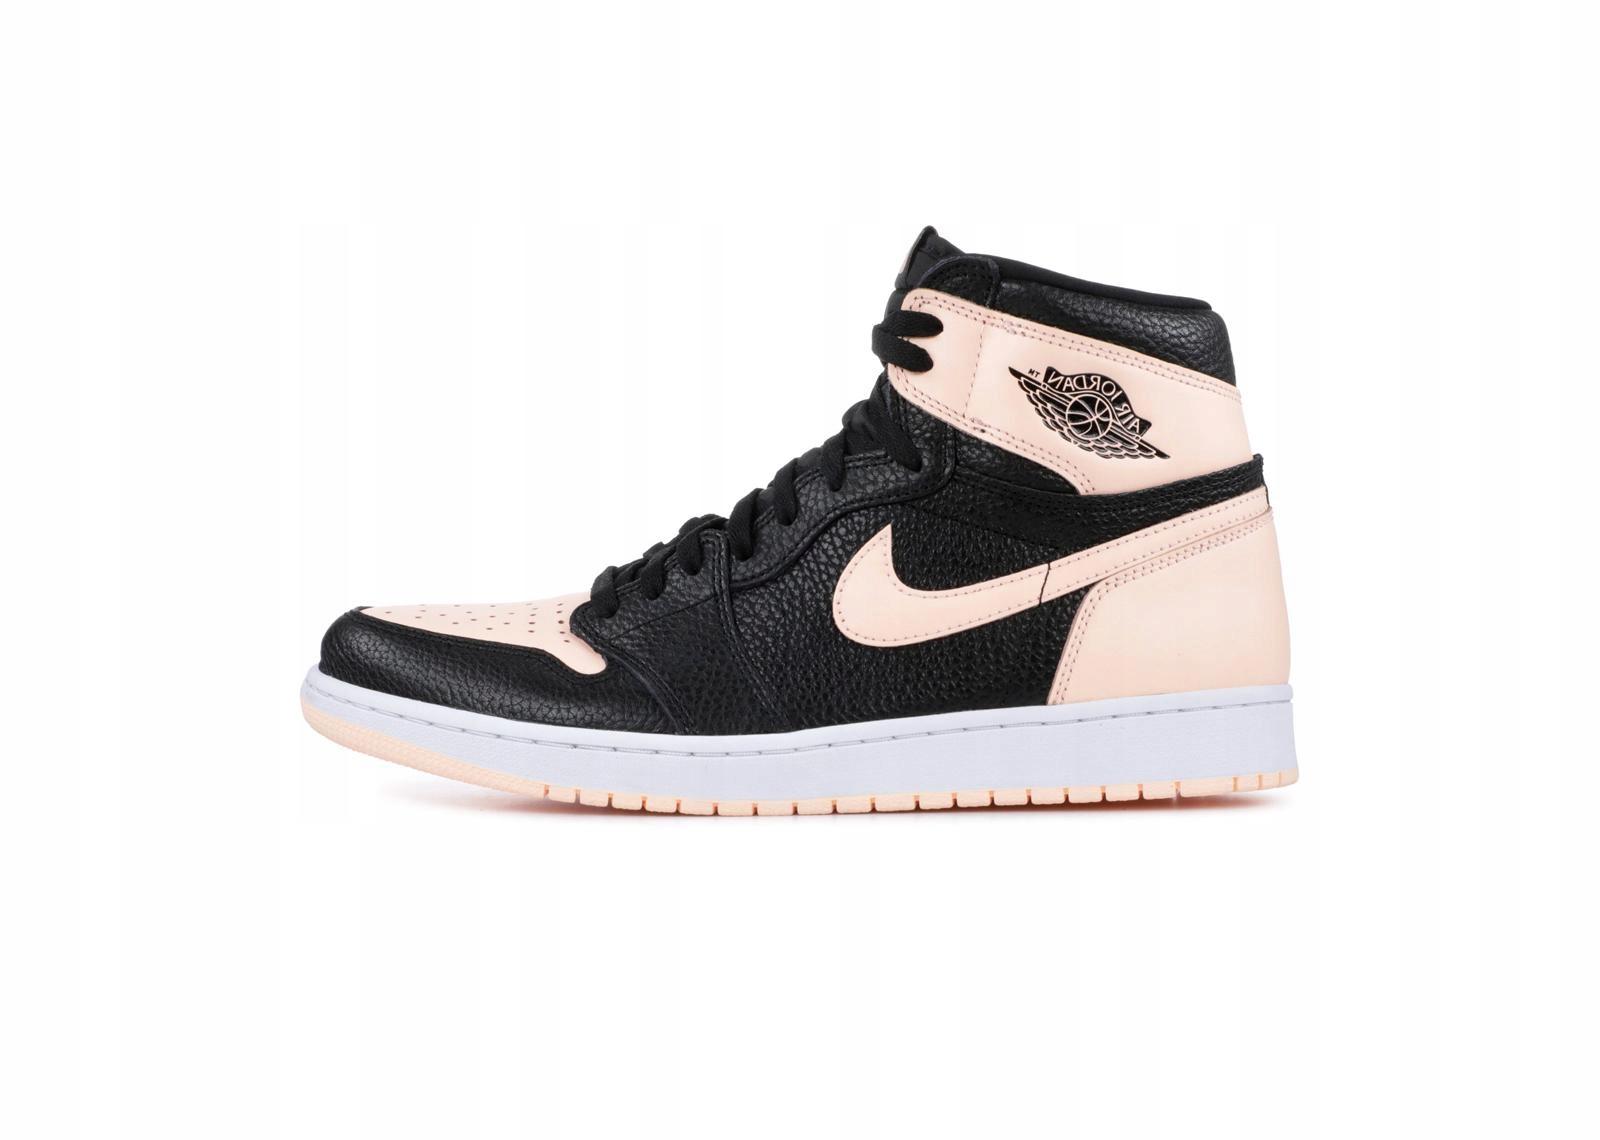 Tenisky Nike Air Jordan 1 OG High Retro